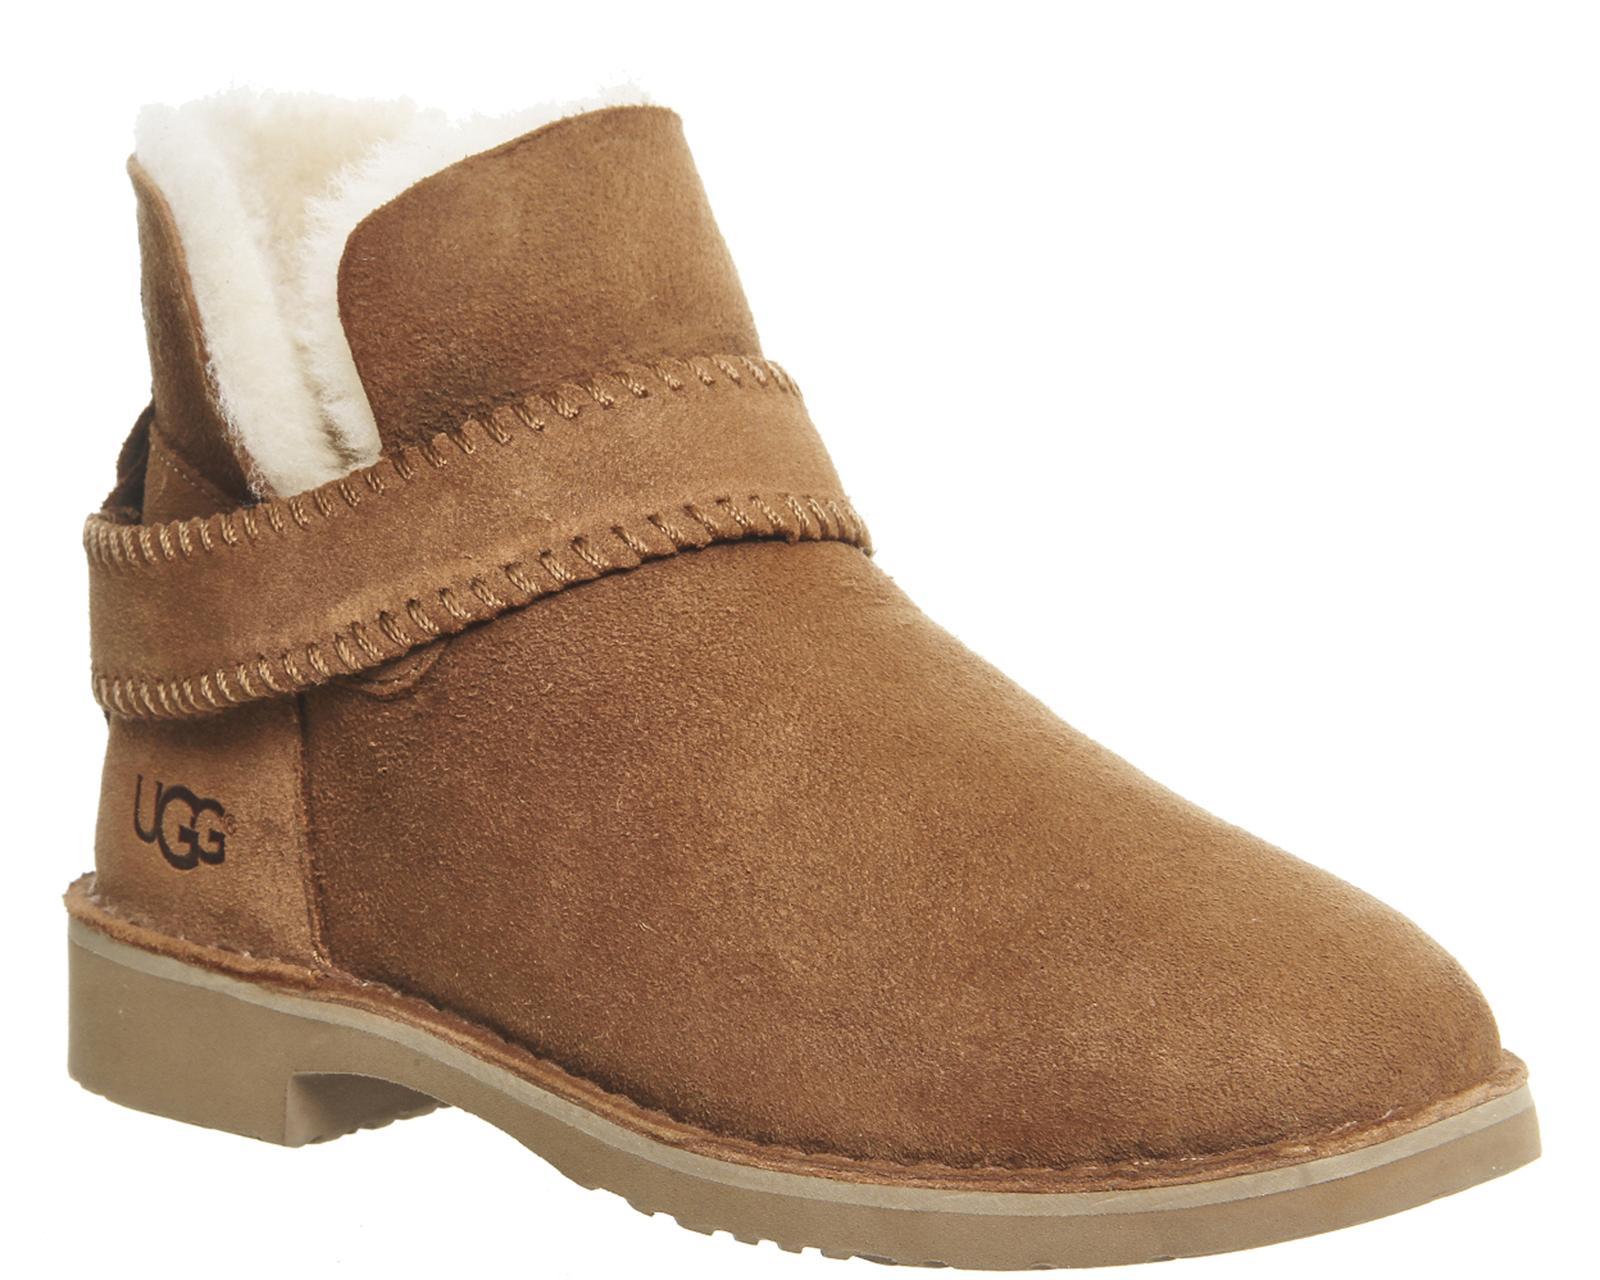 Ugg Mckay Strap Boots in Multicolor